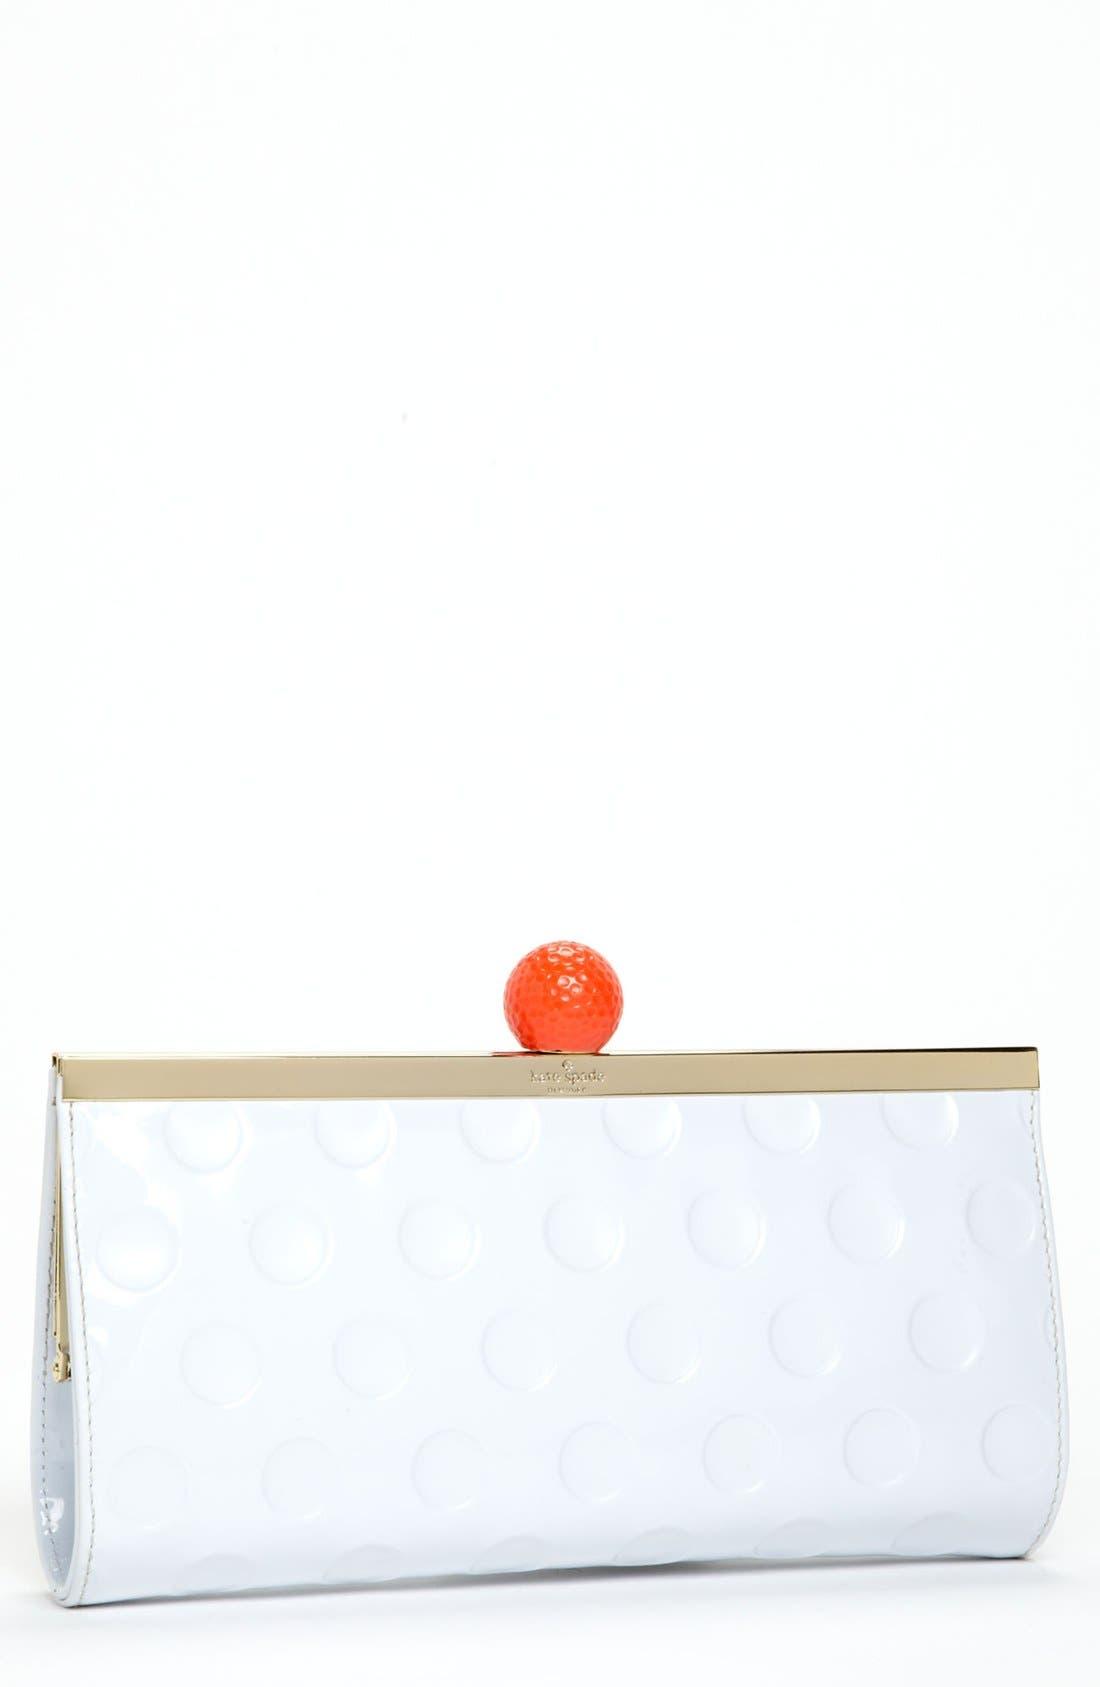 Alternate Image 1 Selected - kate spade new york 'on par - florez' faux patent clutch